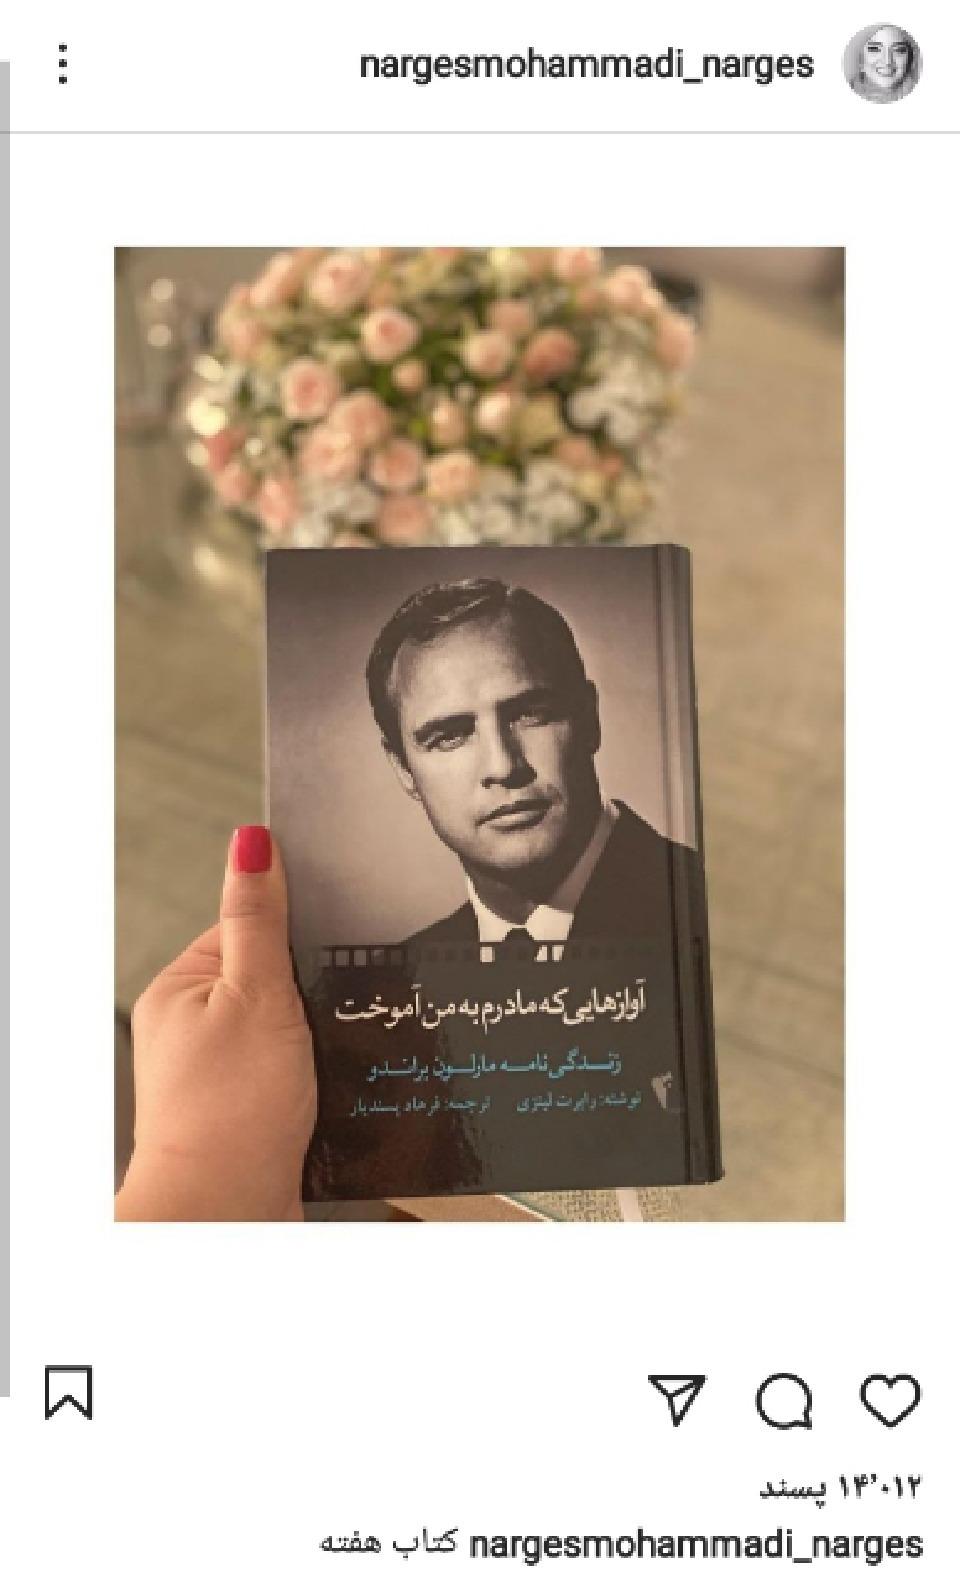 معرفی کتاب توسط نرگس محمدی